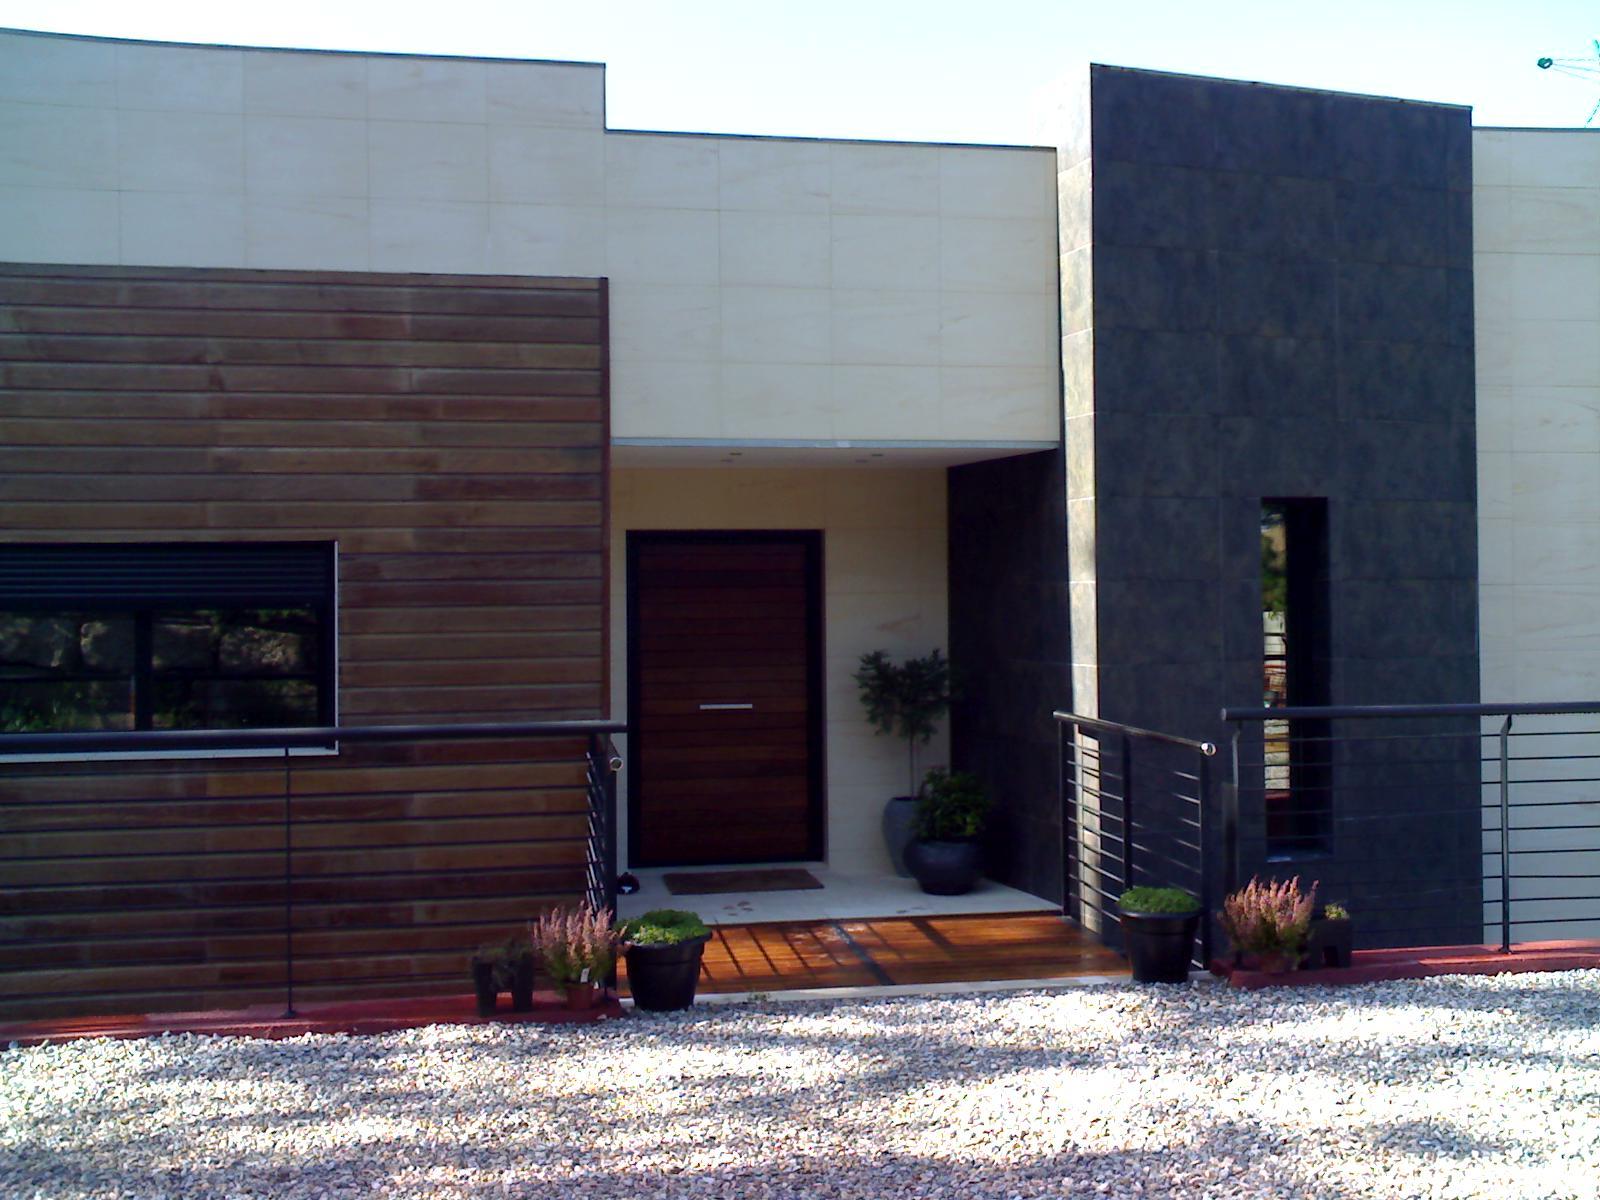 Construccion de casas en acero steel framing house for Casa minimalista steel framing